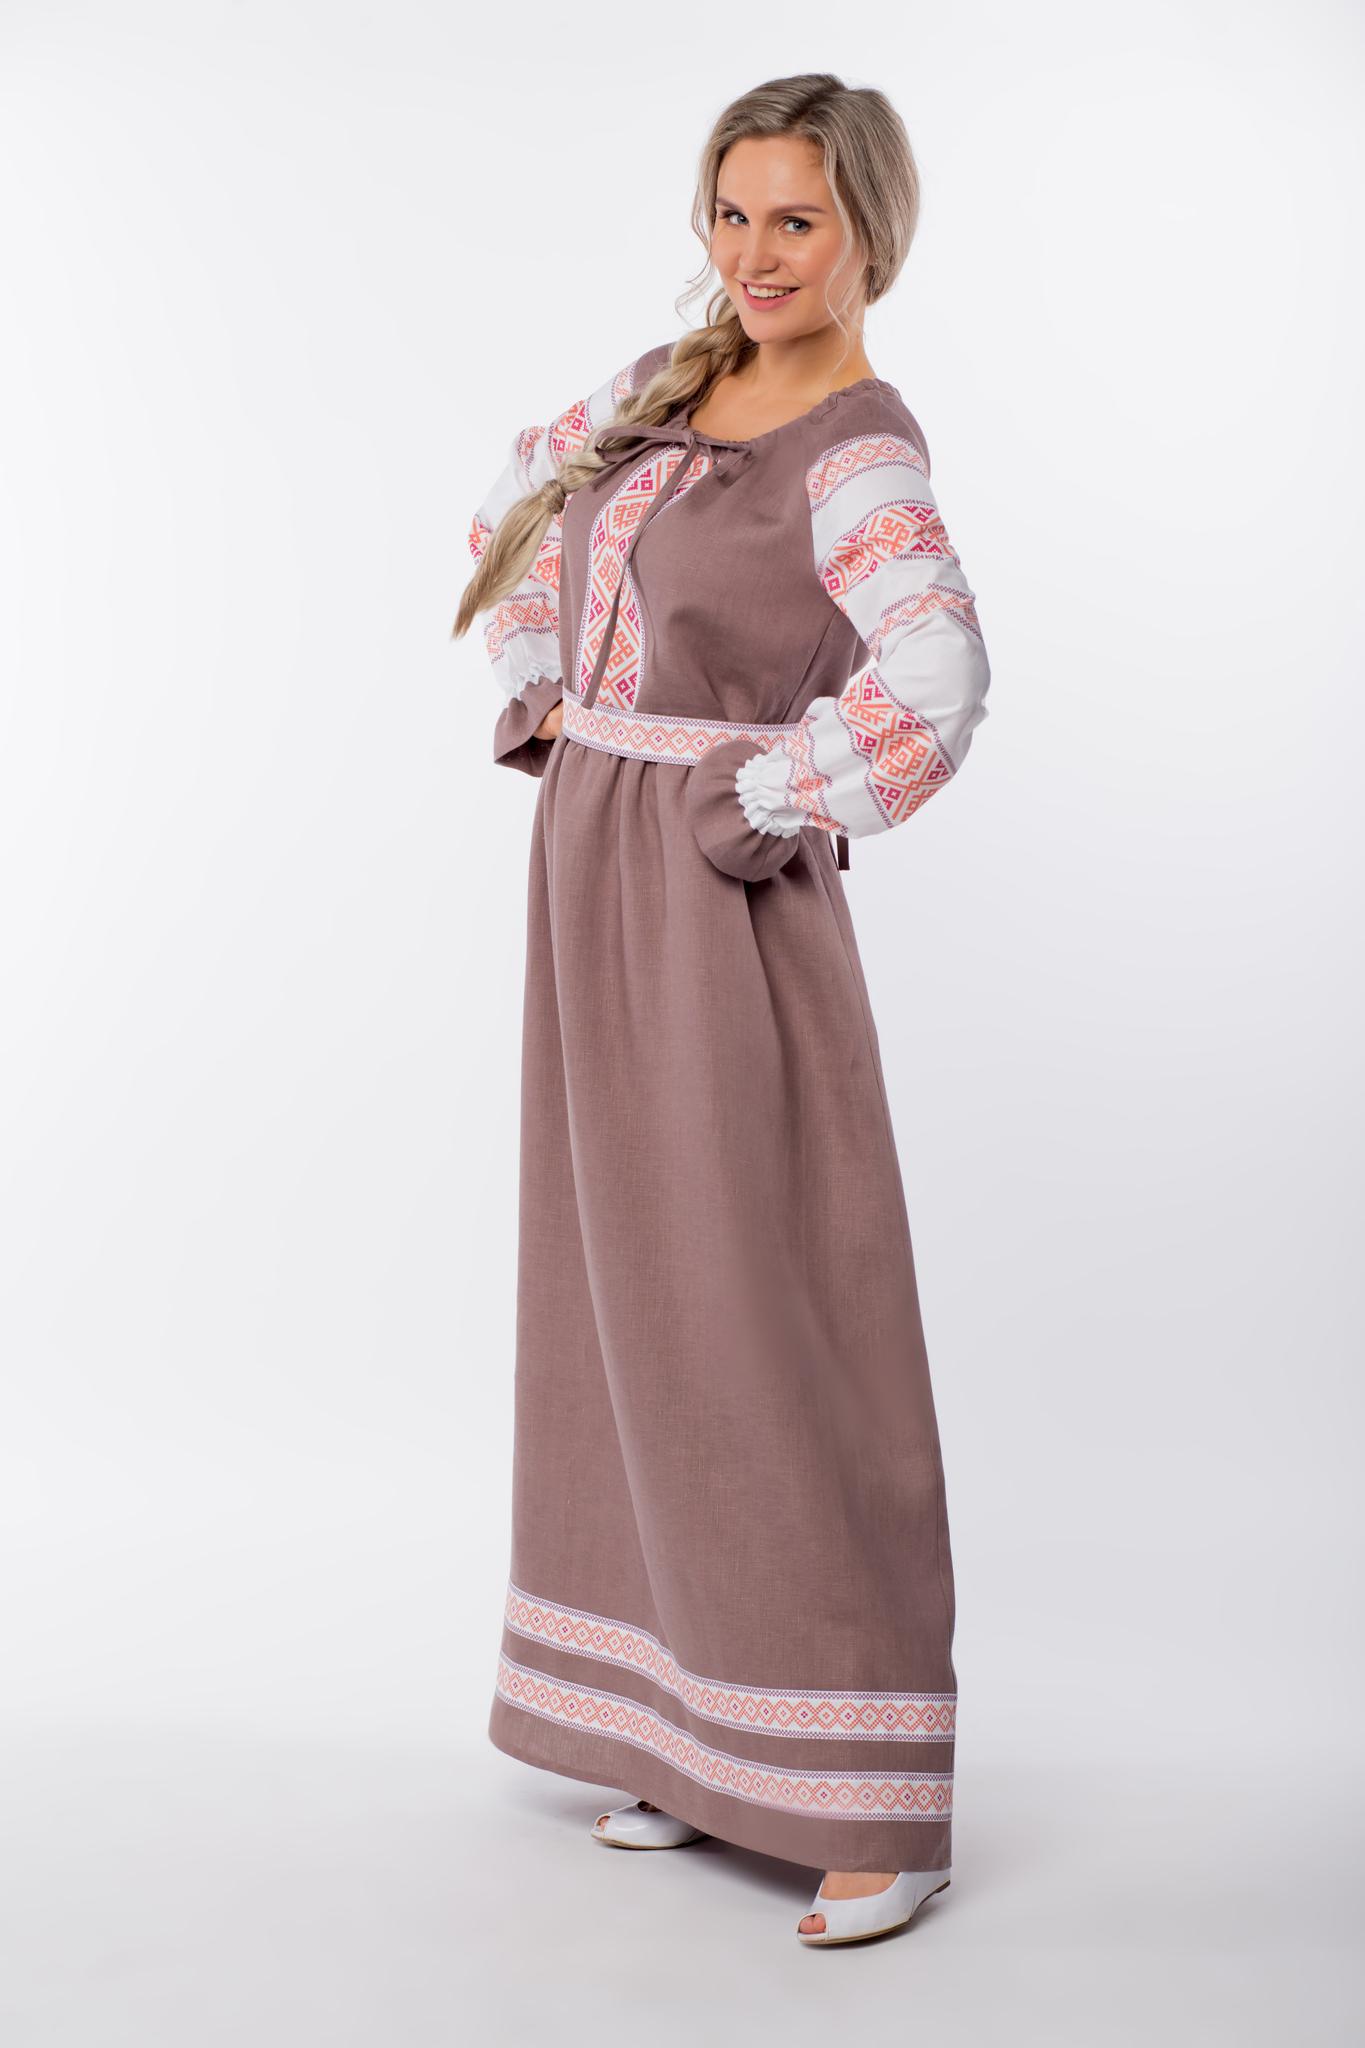 Платье льняное Родные берега вид сбоку